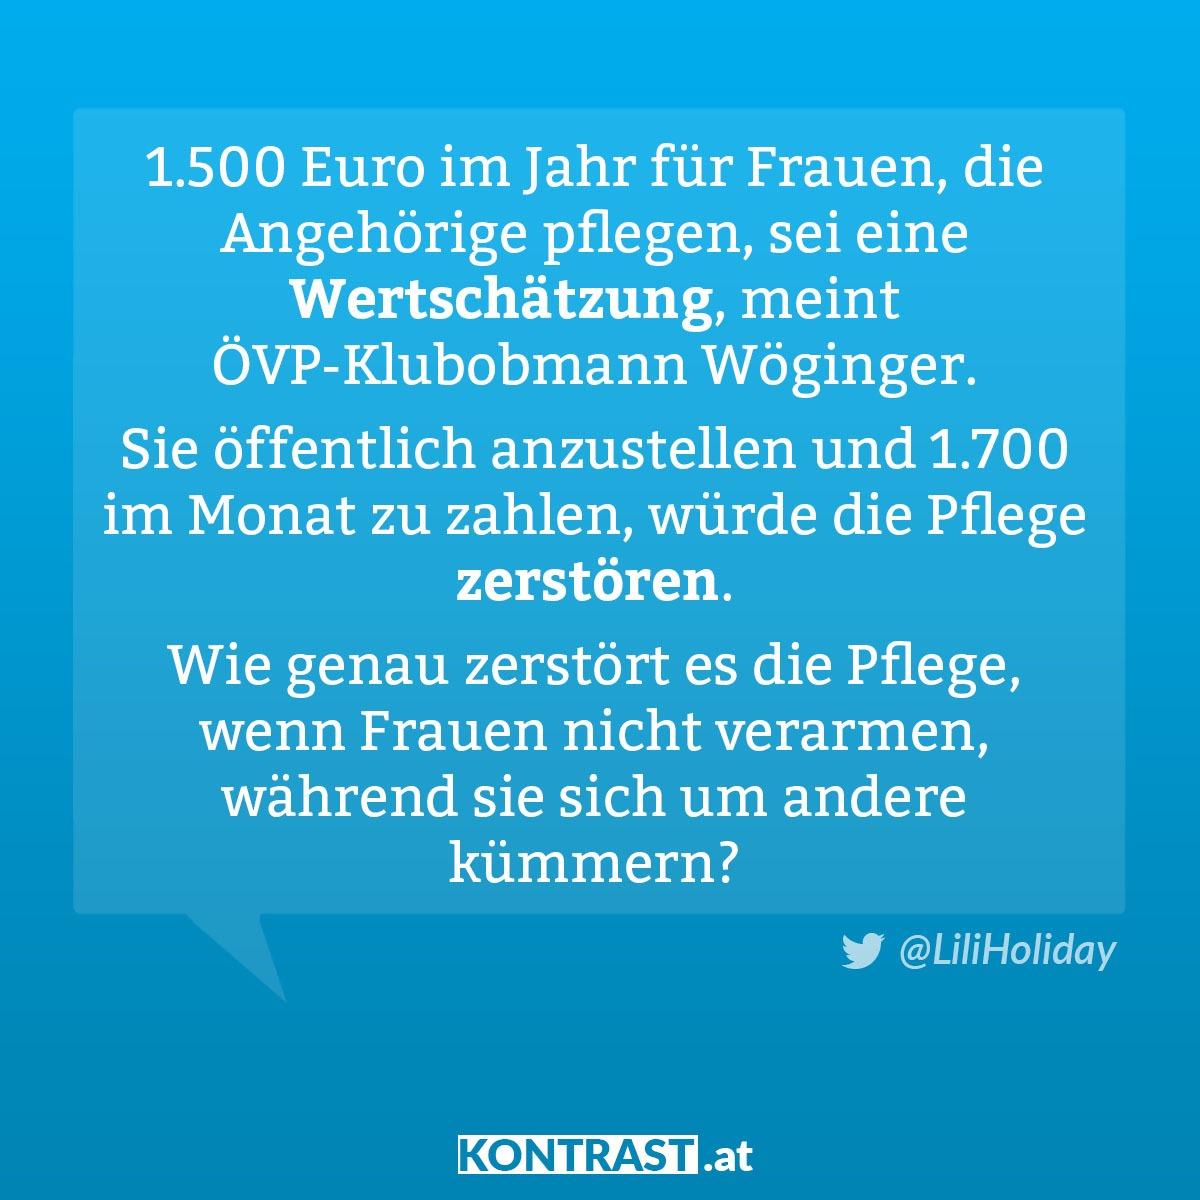 ÖVP & Wertschätzung der Pflege